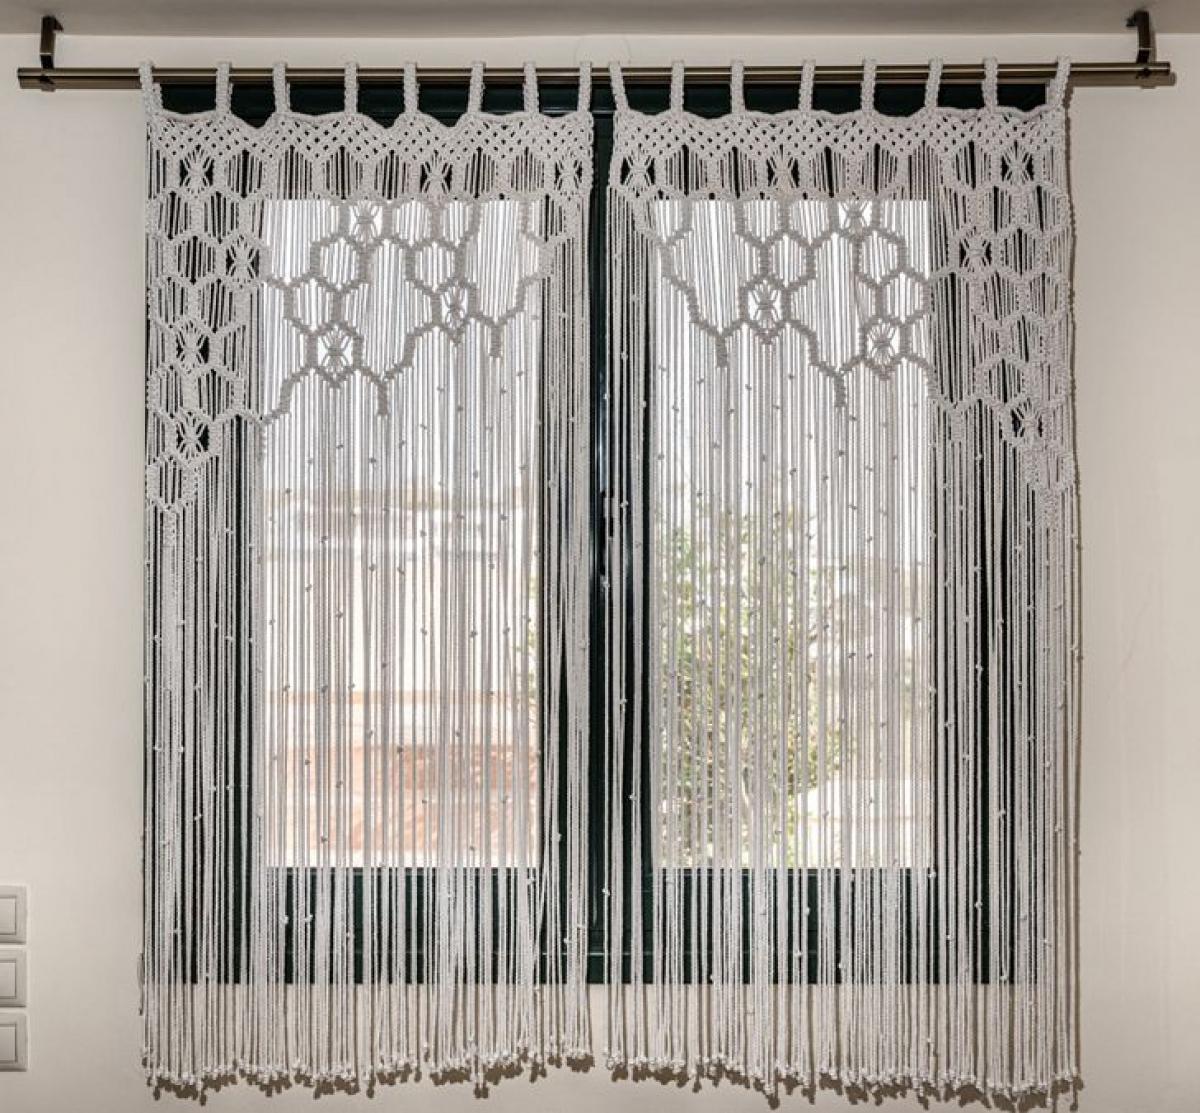 Rèm macrame: Có vẻ như kiểu trang trí cửa sổ này vẫn chưa hết mốt. Nếu phương án thay thế này phù hợp với nội thất của bạn, thì chúng tôi chắc chắn khuyên bạn nên thử nó, bởi vì hoàn toàn không công bằng khi rất ít người có thể chiêm ngưỡng vẻ đẹp này trên cửa sổ của họ bây giờ. Bạn có thể mua một chiếc rèm macrame làm sẵn hoặc bạn có thể tự làm một chiếc - như một sự thay thế thú vị hơn.